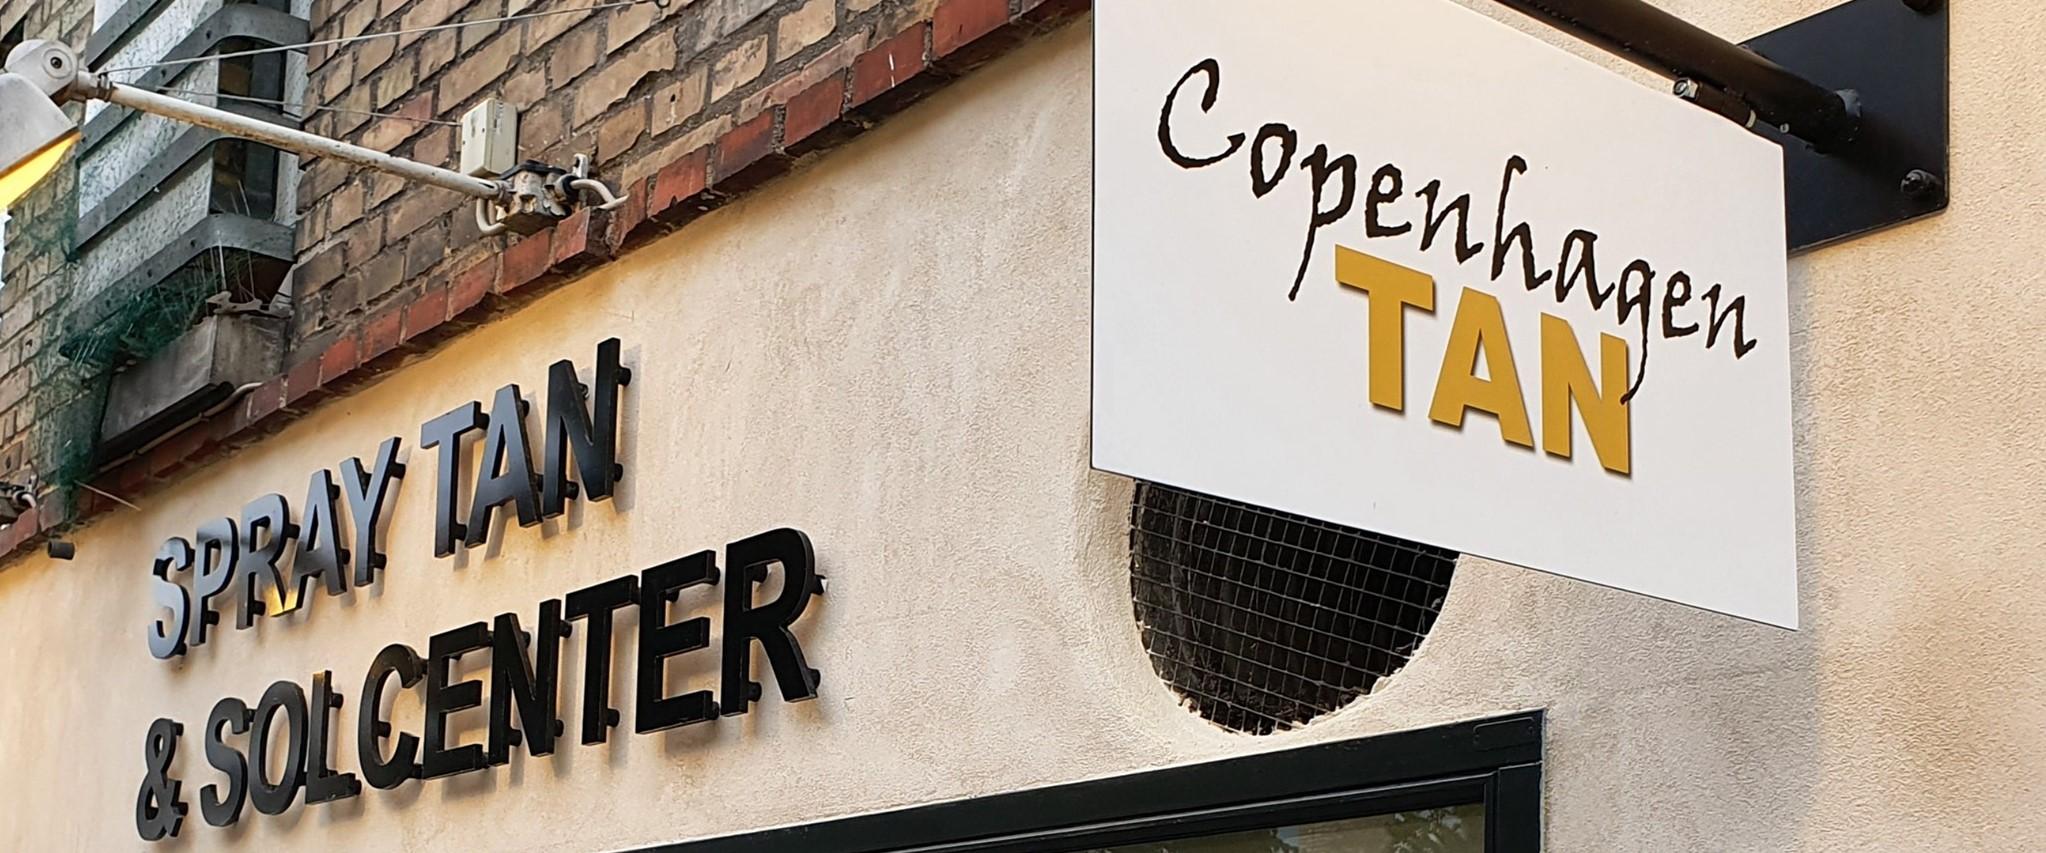 Spray tan center - CopenhagenTAN